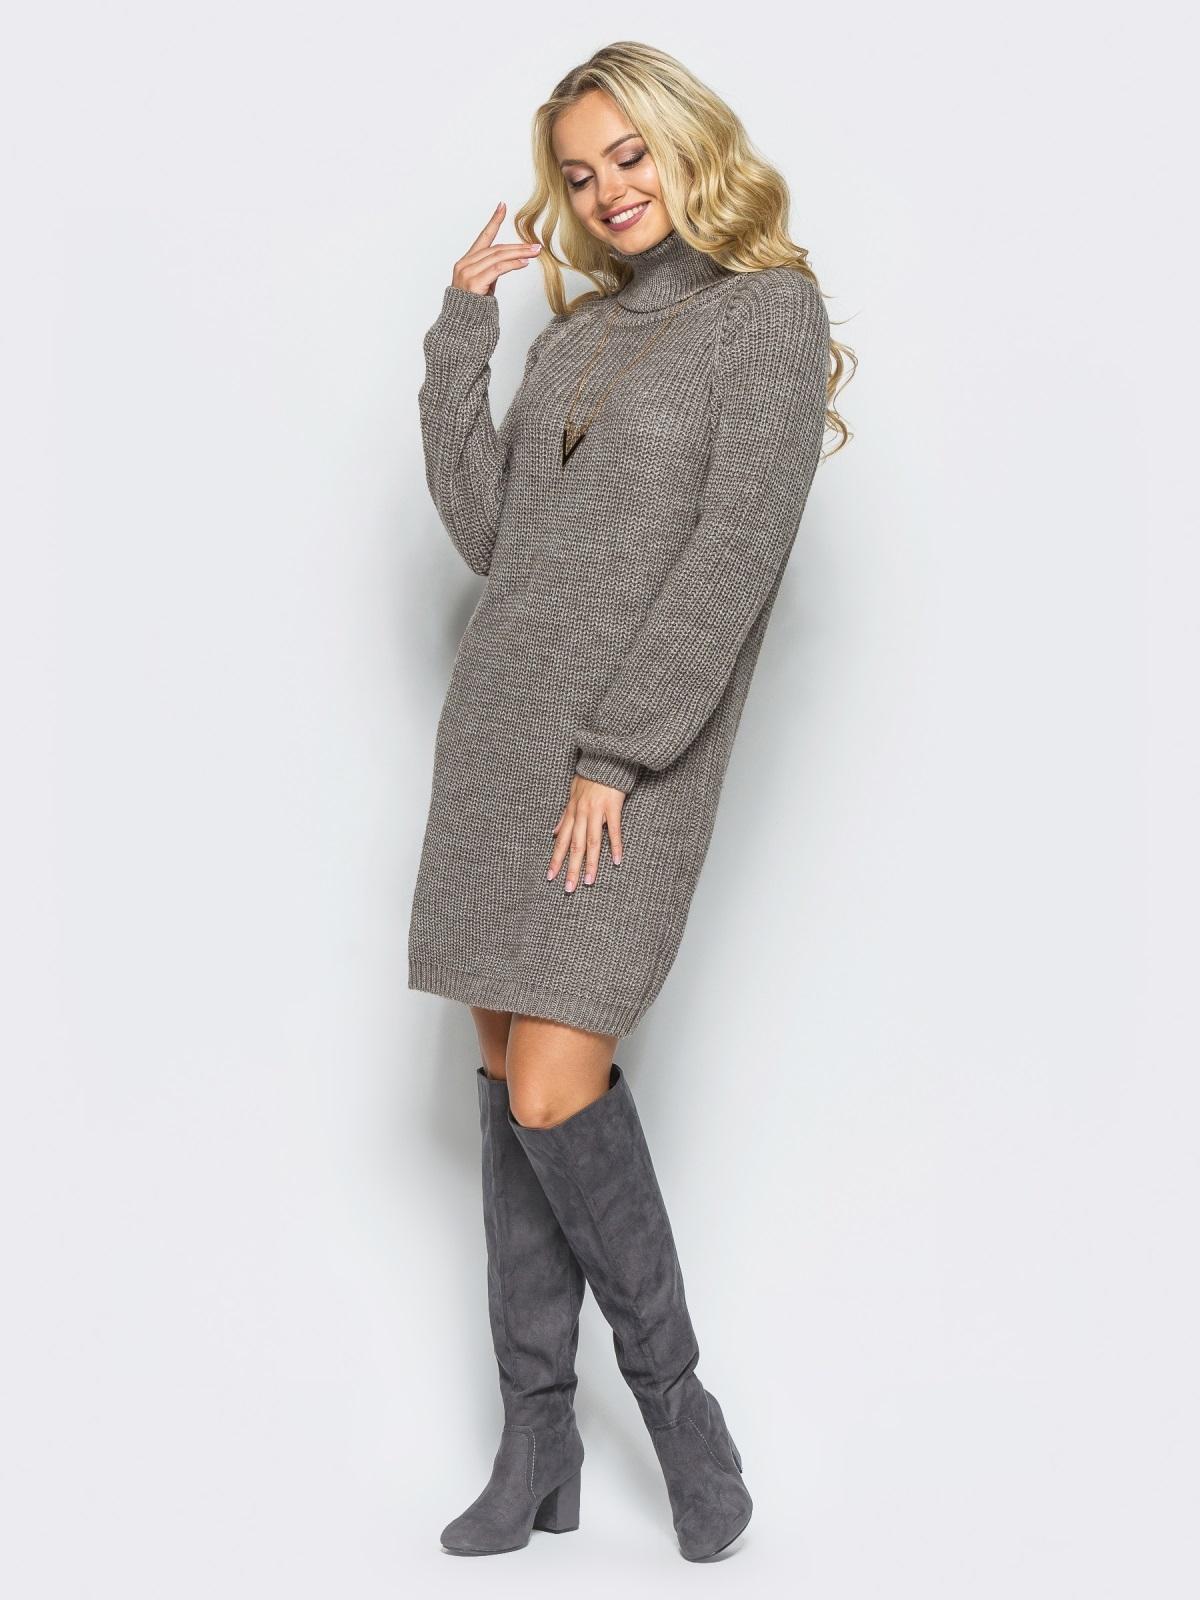 Вязаное платье на резинке с высоким воротником бежевое - 15930, фото 1 – интернет-магазин Dressa